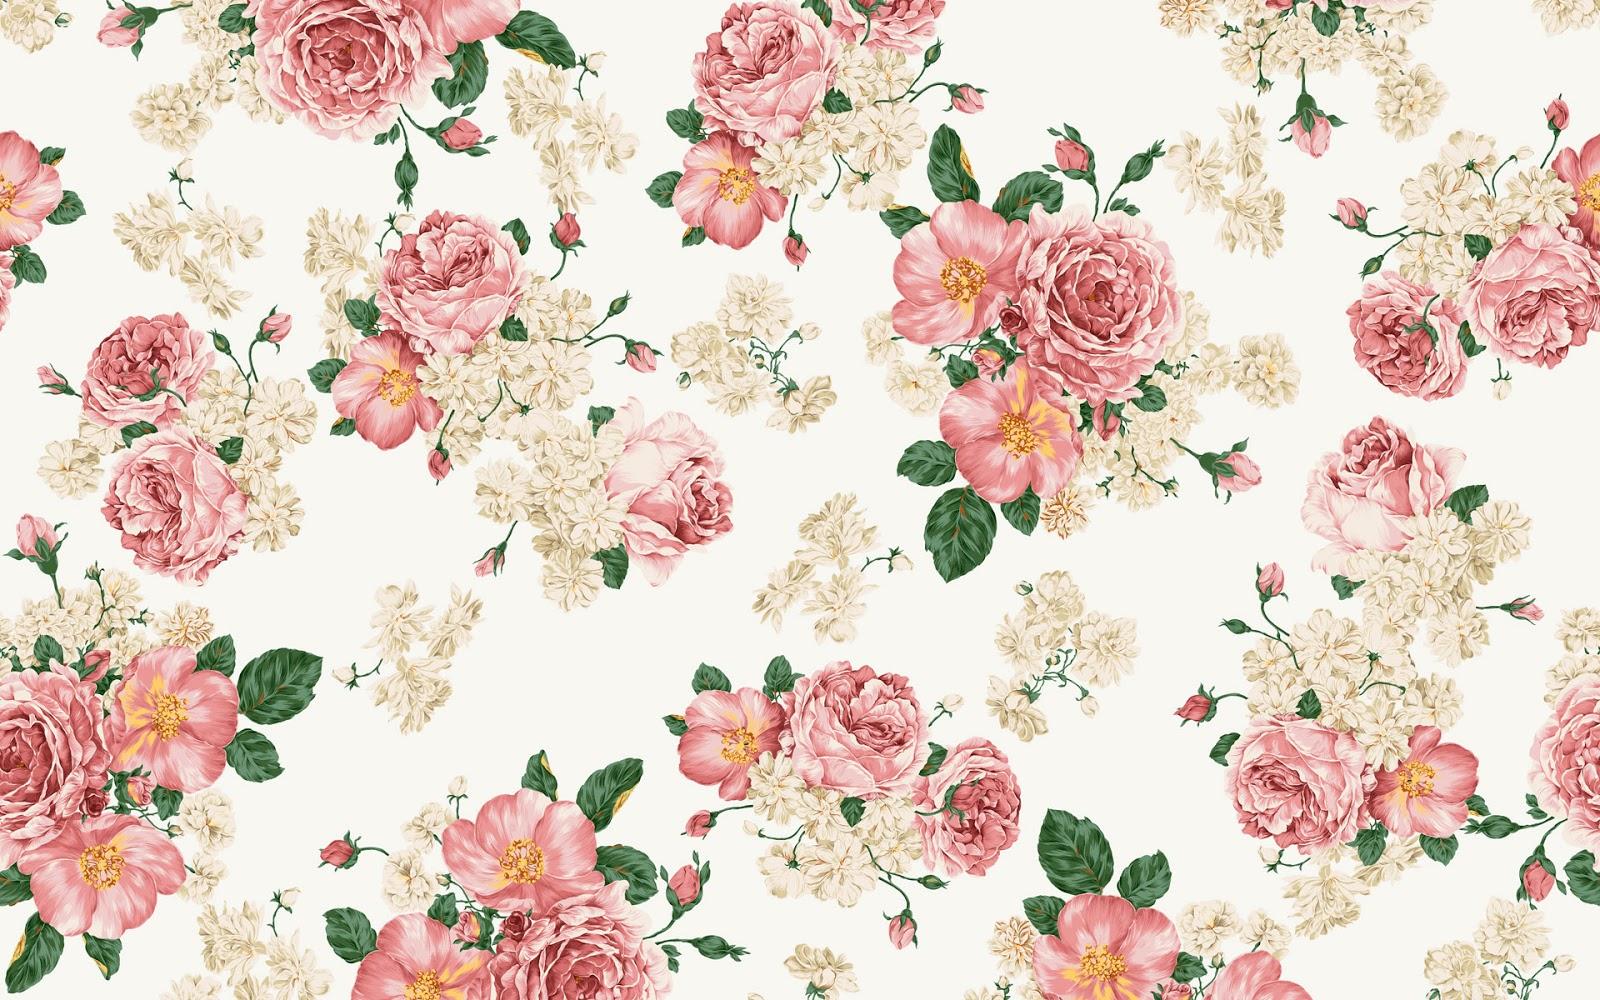 wwwdesktop imagecomvintagegirly vintage desktop backgrounds 5 1600x1000